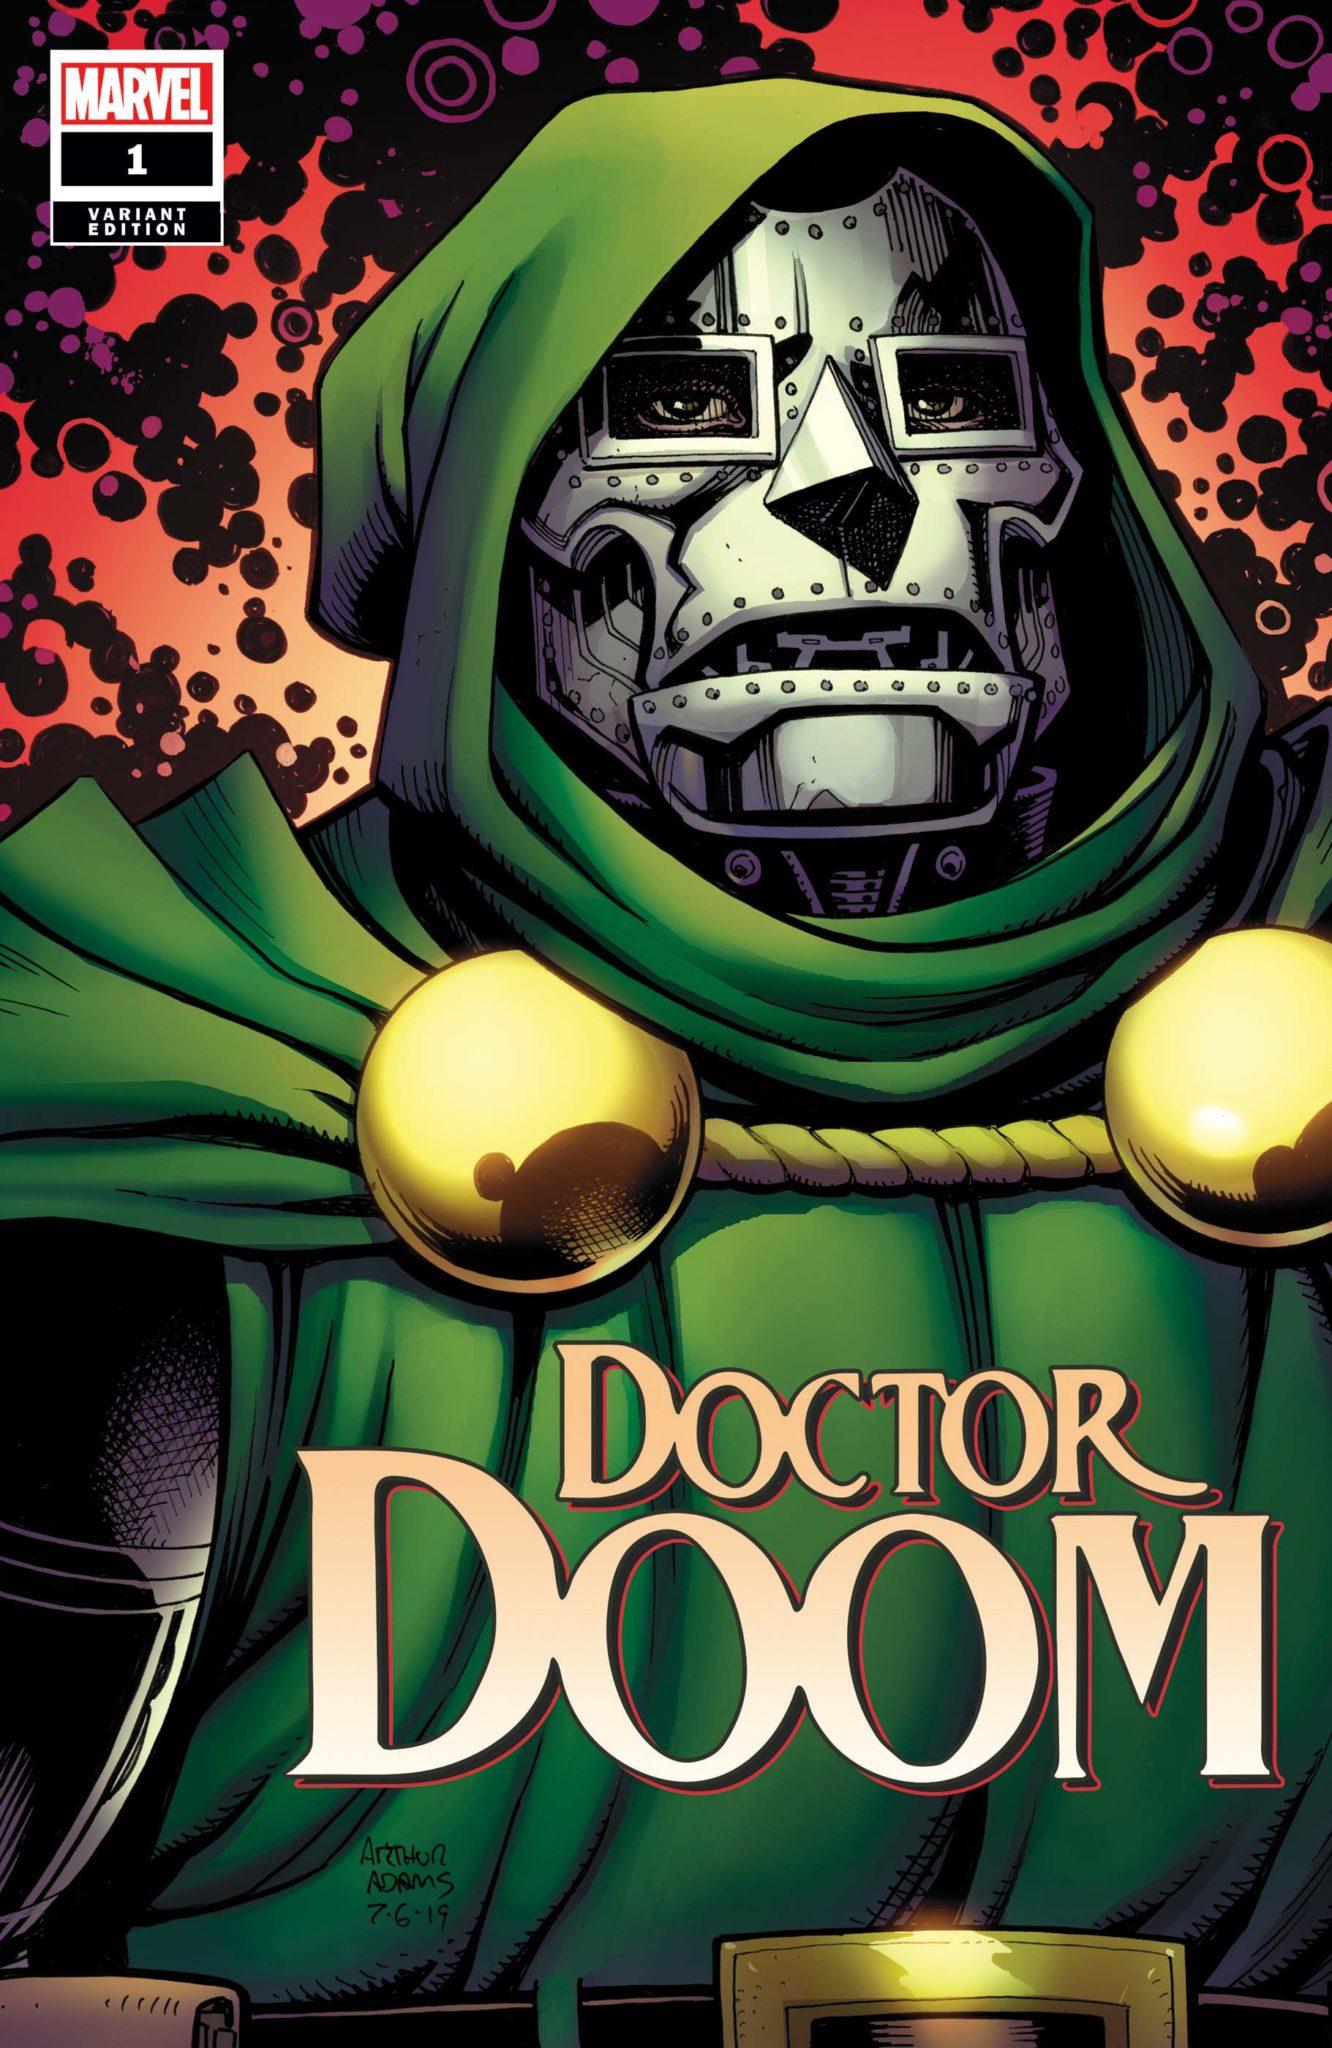 10 Minute Marvel Episode 41 – Marvel News and Doctor Doom